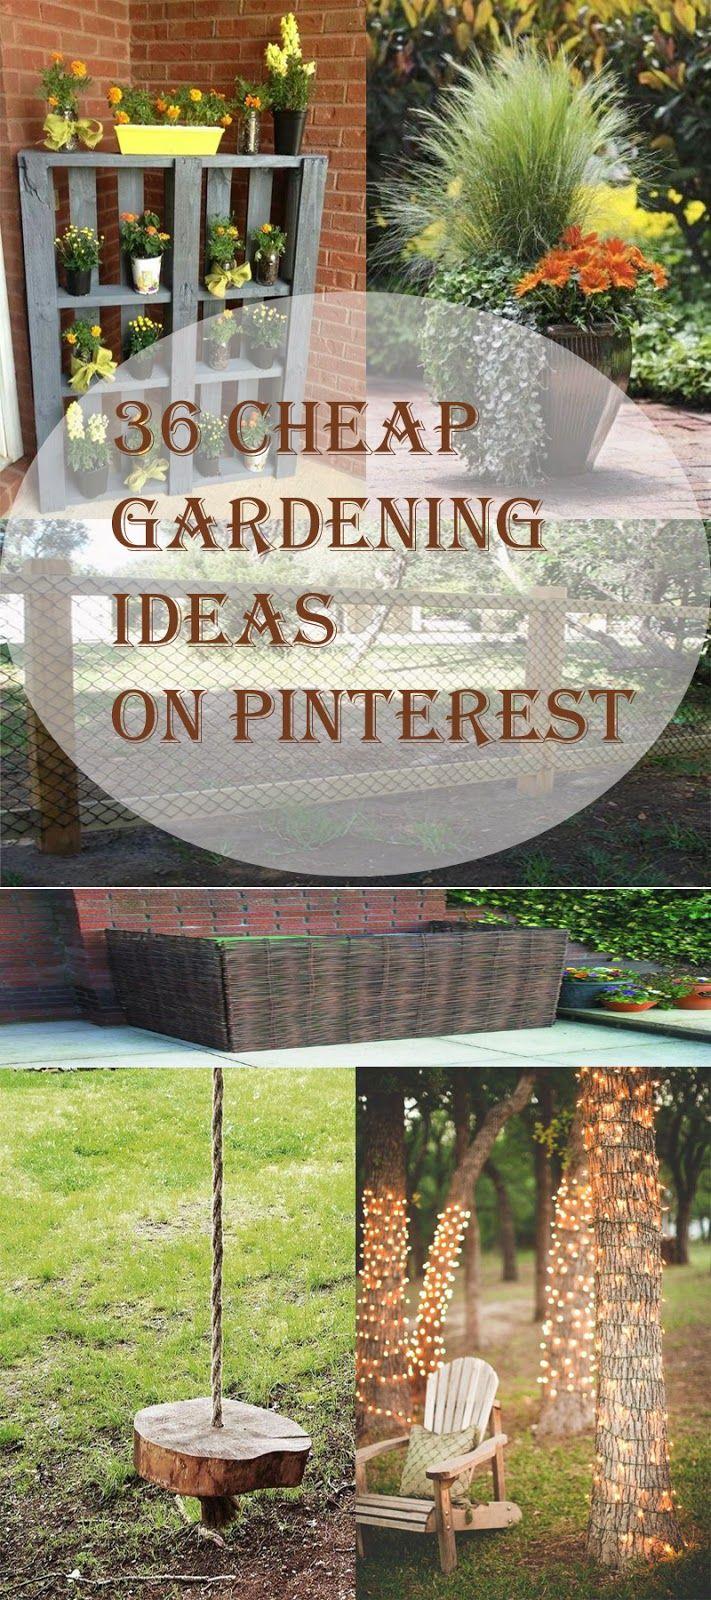 25+ best Cheap garden ideas on Pinterest | Cheap landscaping ideas ...